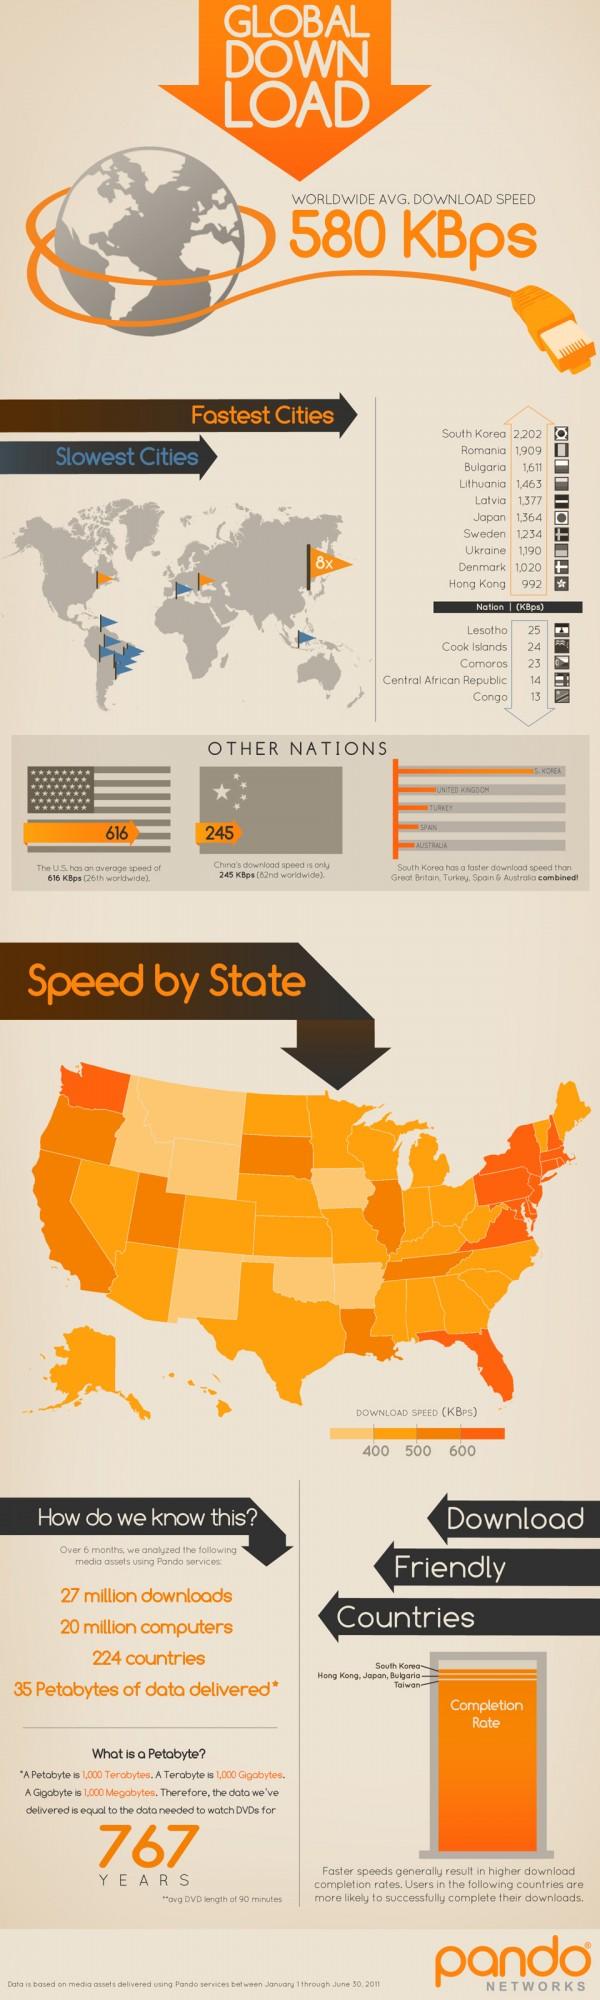 Україна увійшла в десятку країн з найшвидшим інтернетом